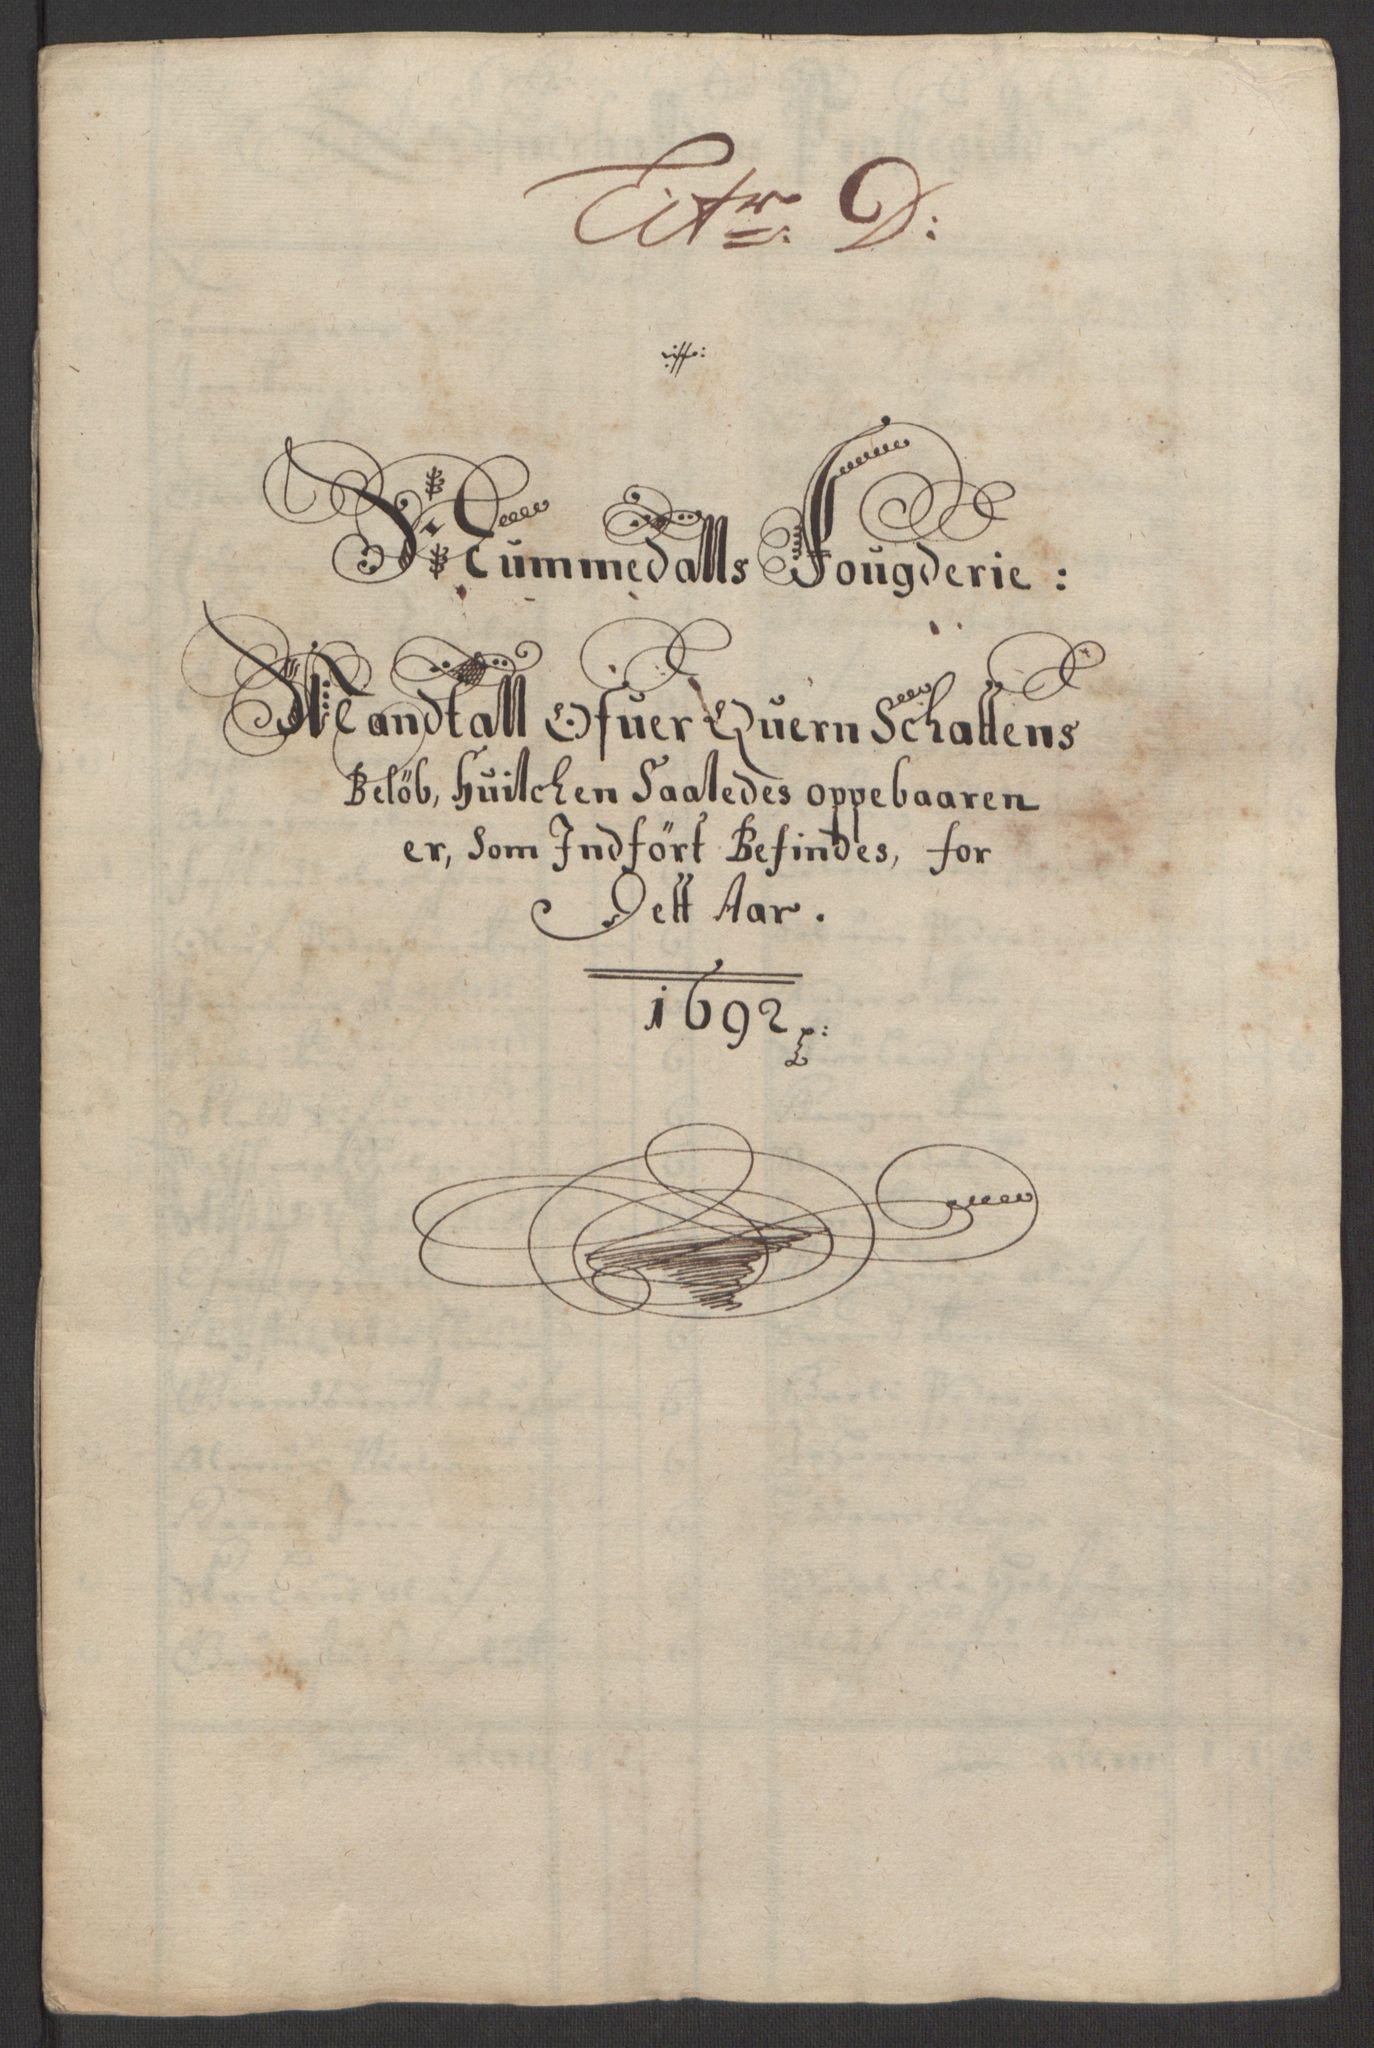 RA, Rentekammeret inntil 1814, Reviderte regnskaper, Fogderegnskap, R64/L4424: Fogderegnskap Namdal, 1692-1695, s. 20